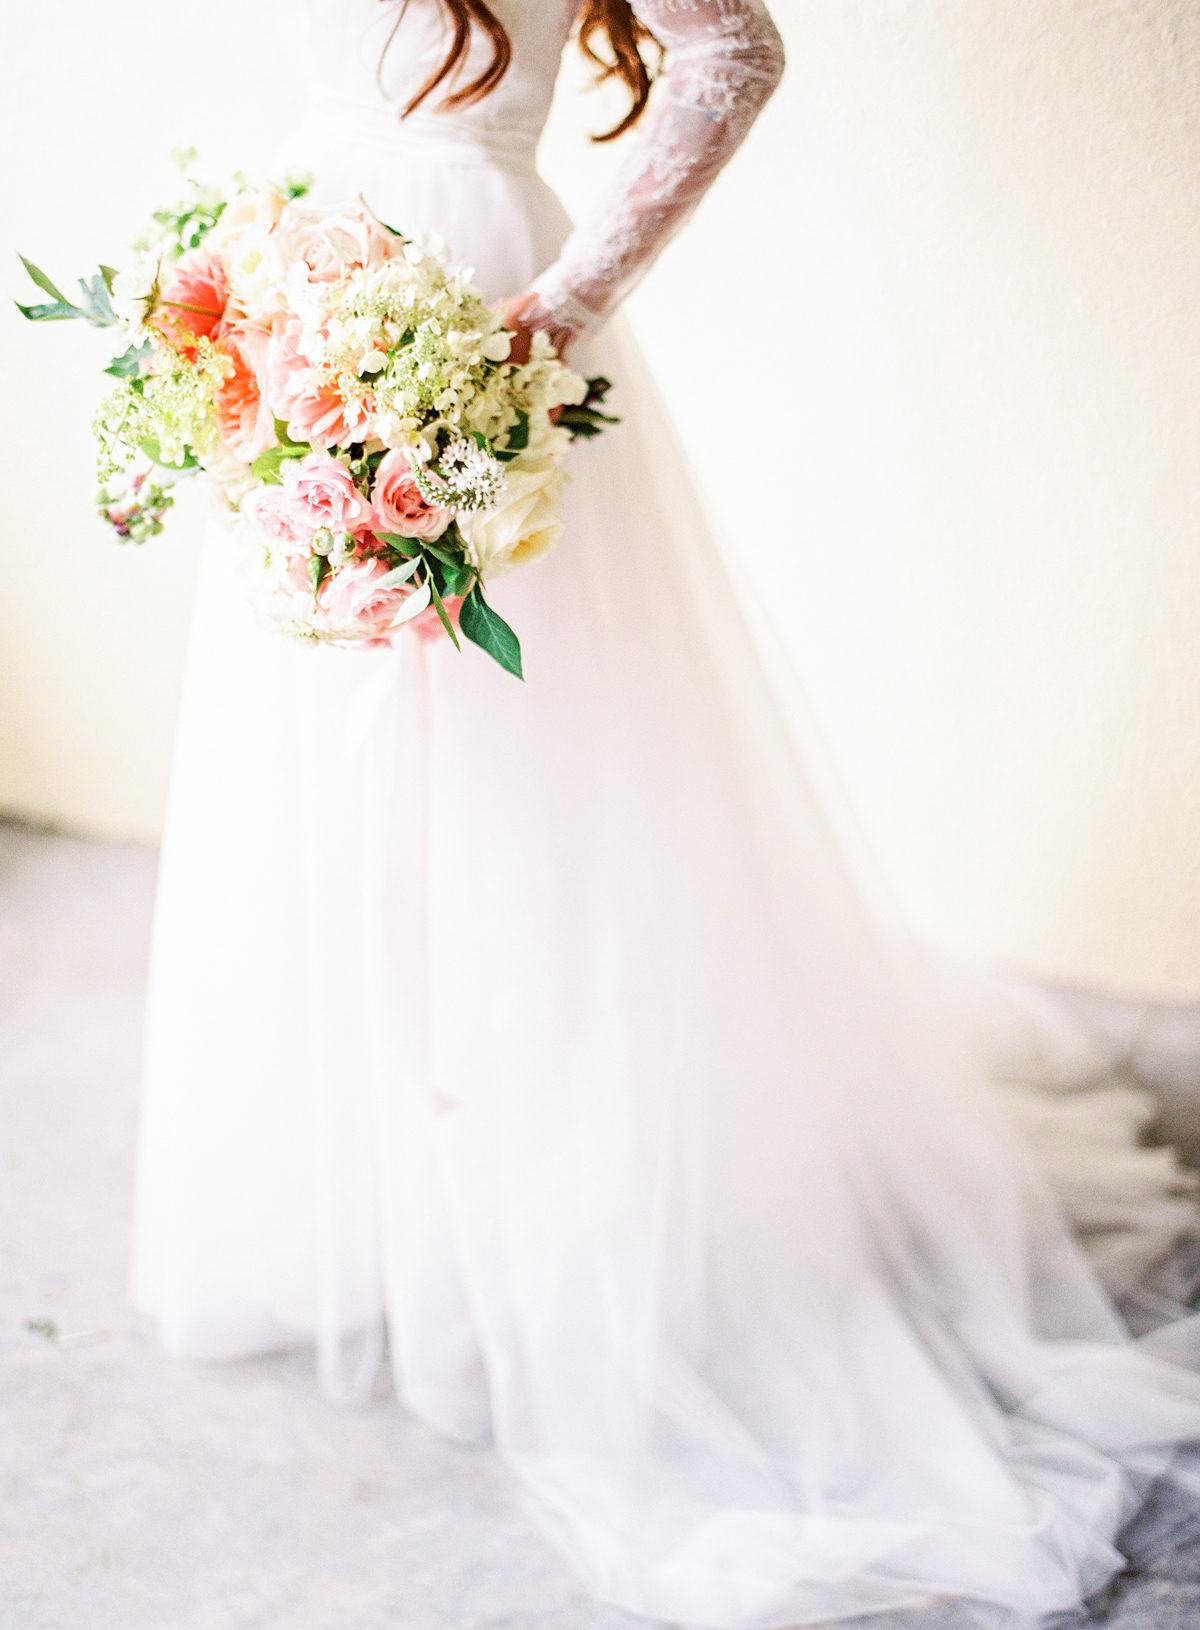 Marie Antoinette Inspired Wedding Dress 22 Stunning